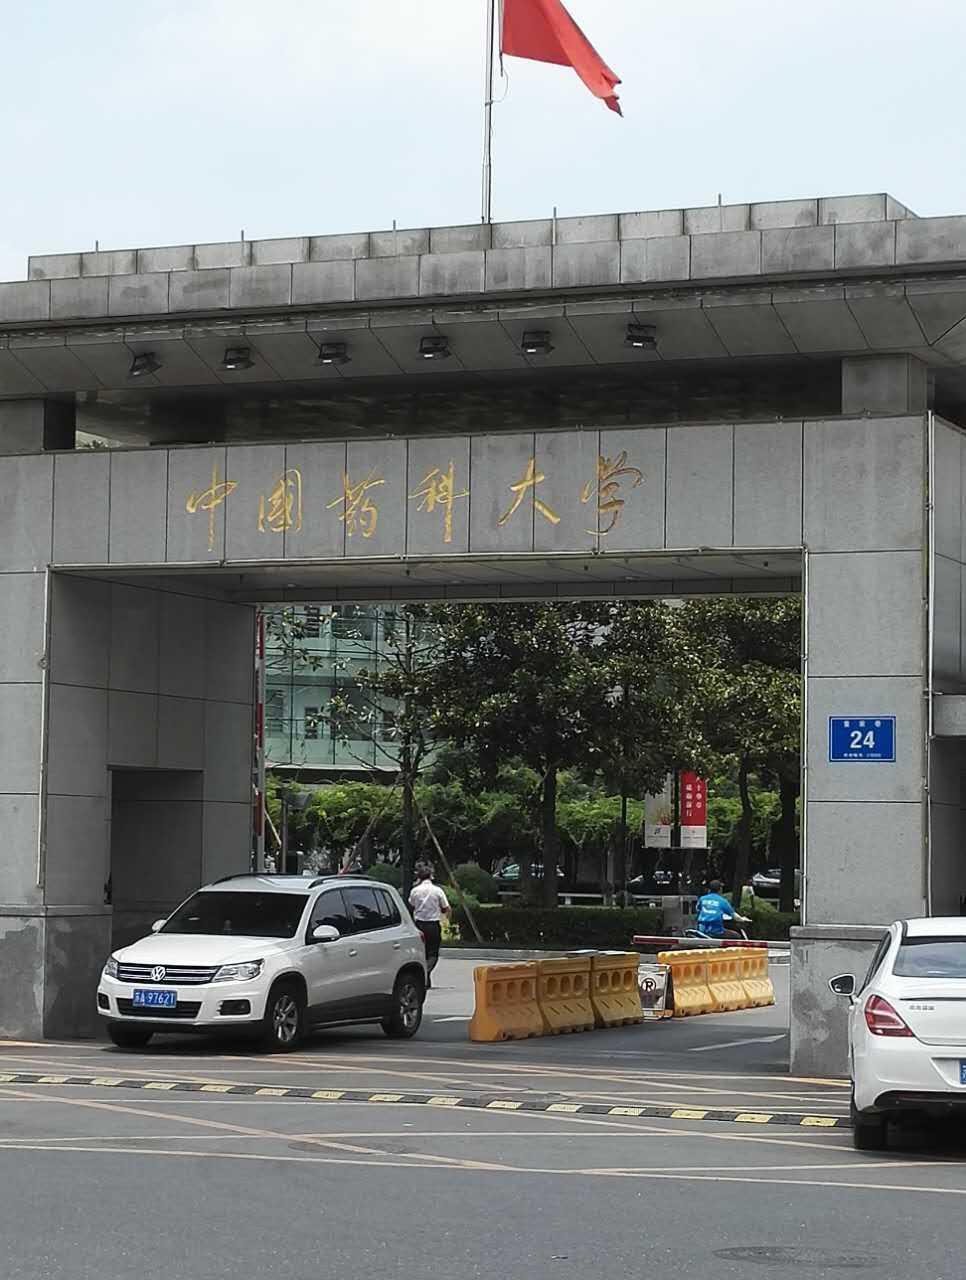 锦玟干燥箱应用于中国药科大学